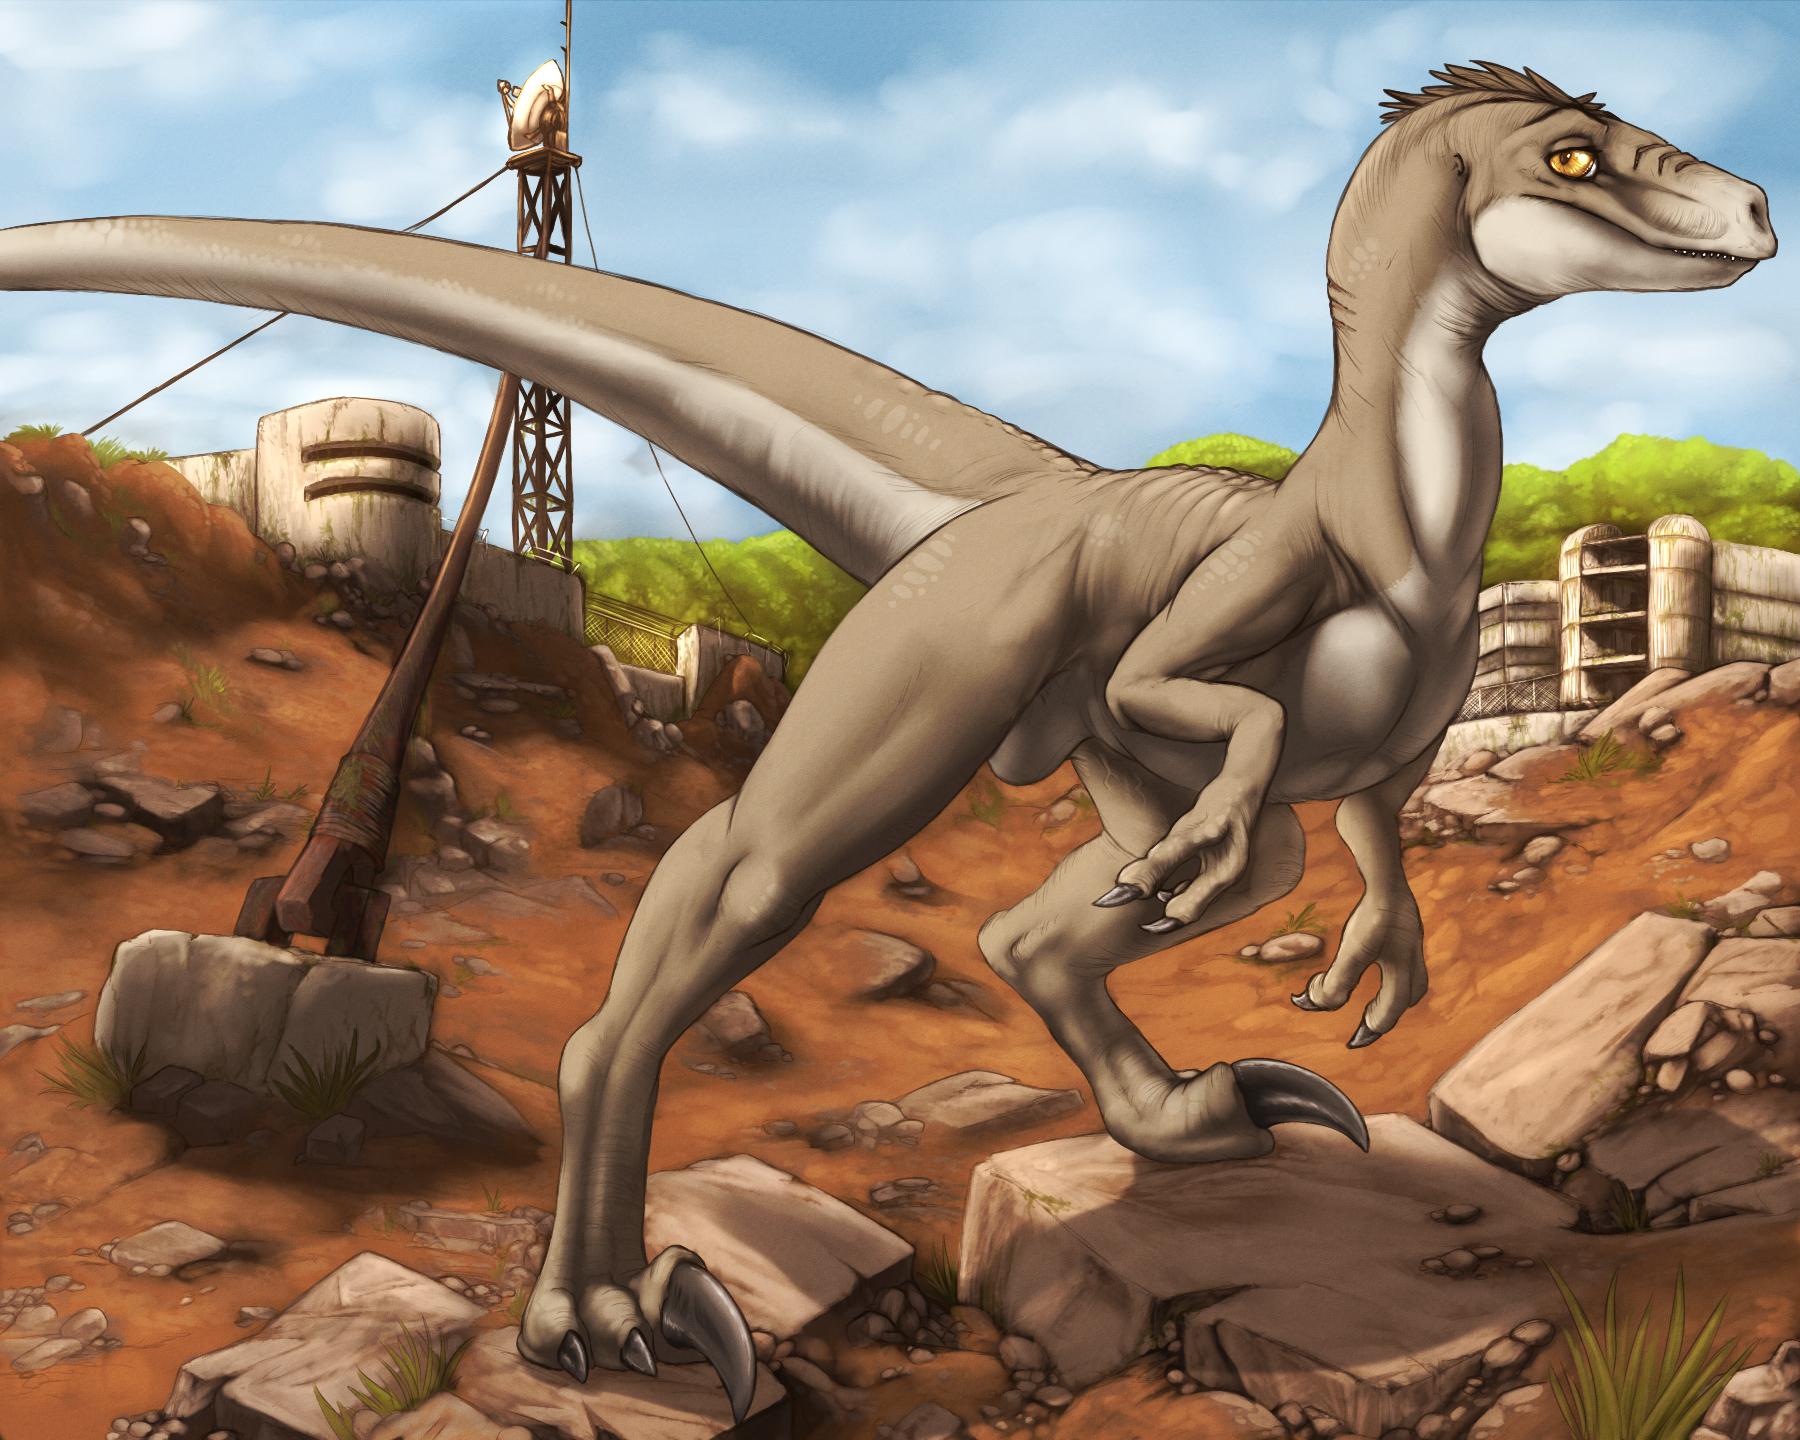 Raptor penis porn images